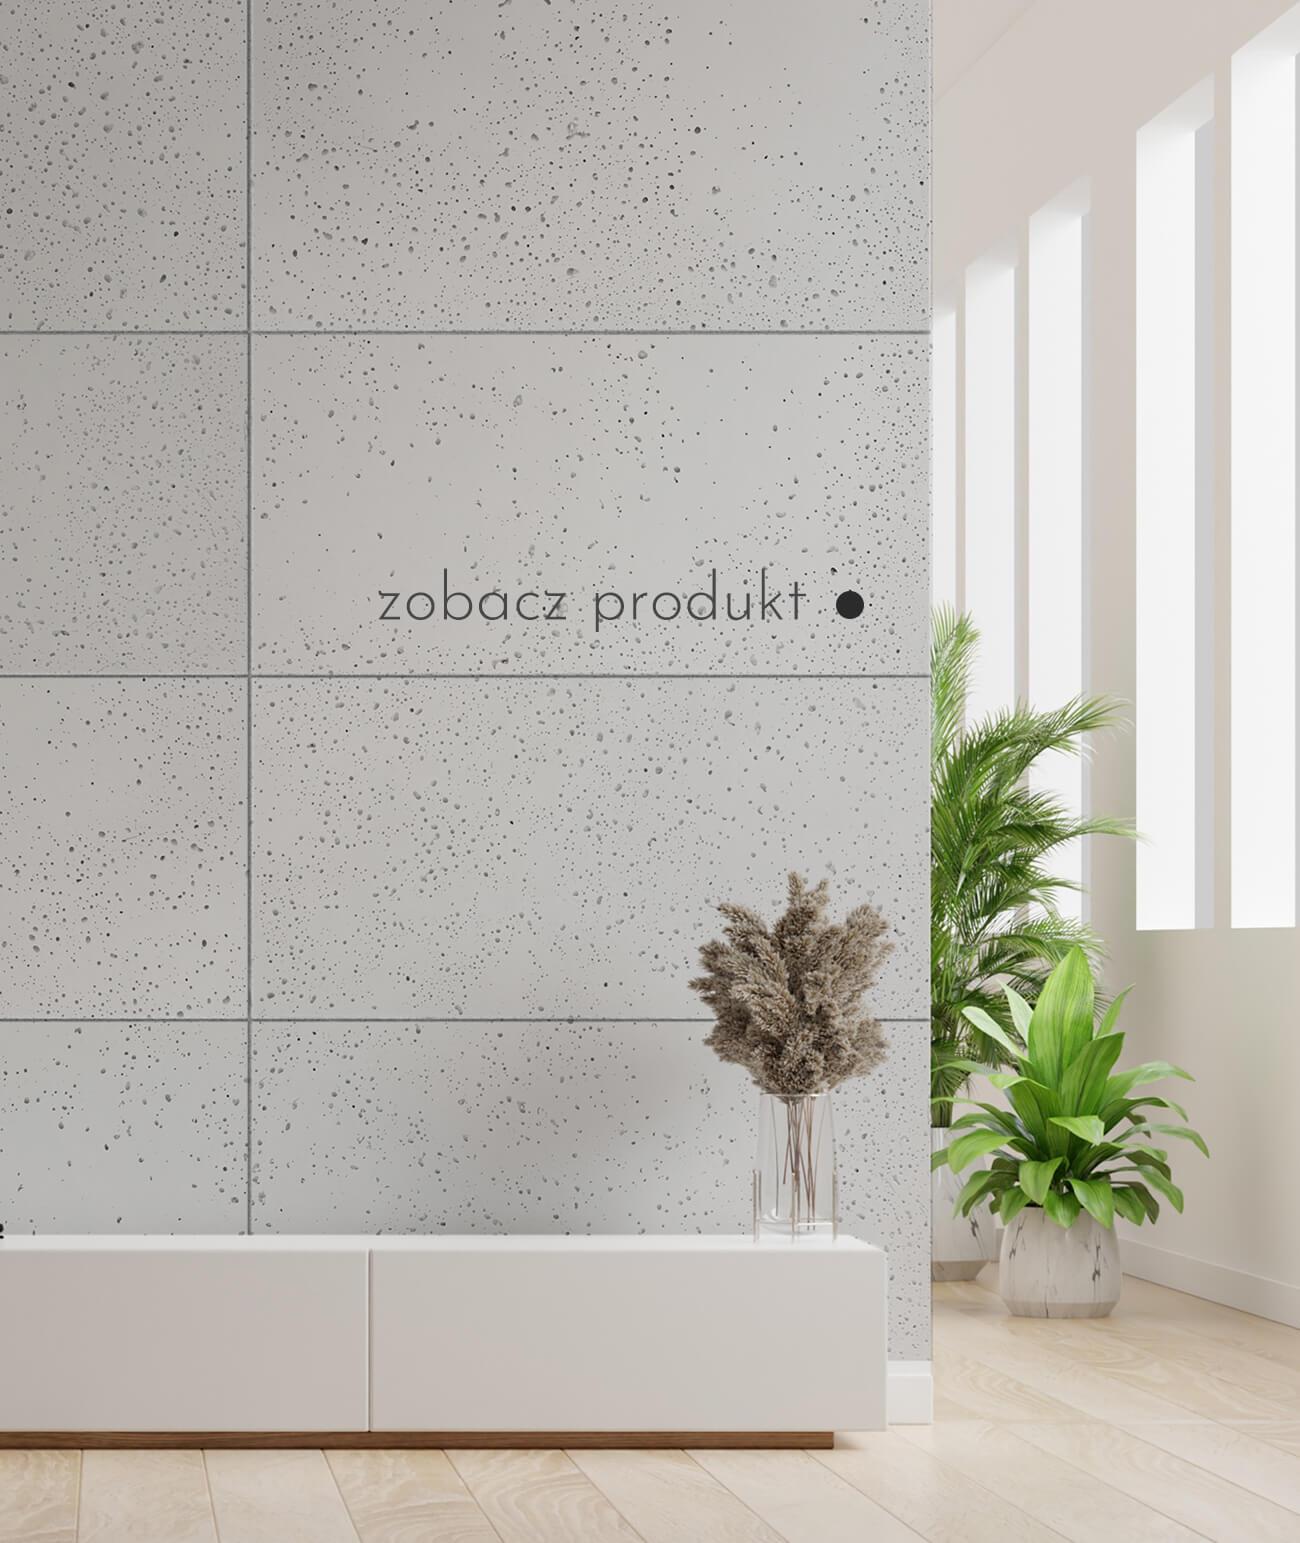 plyty-betonowe-scienne-i-elewacyjne-beton-architektoniczny_1111-24064-ds-jasny-szary---plyta-beton-architektoniczny-grc-rozne-wymiary-ultralekka